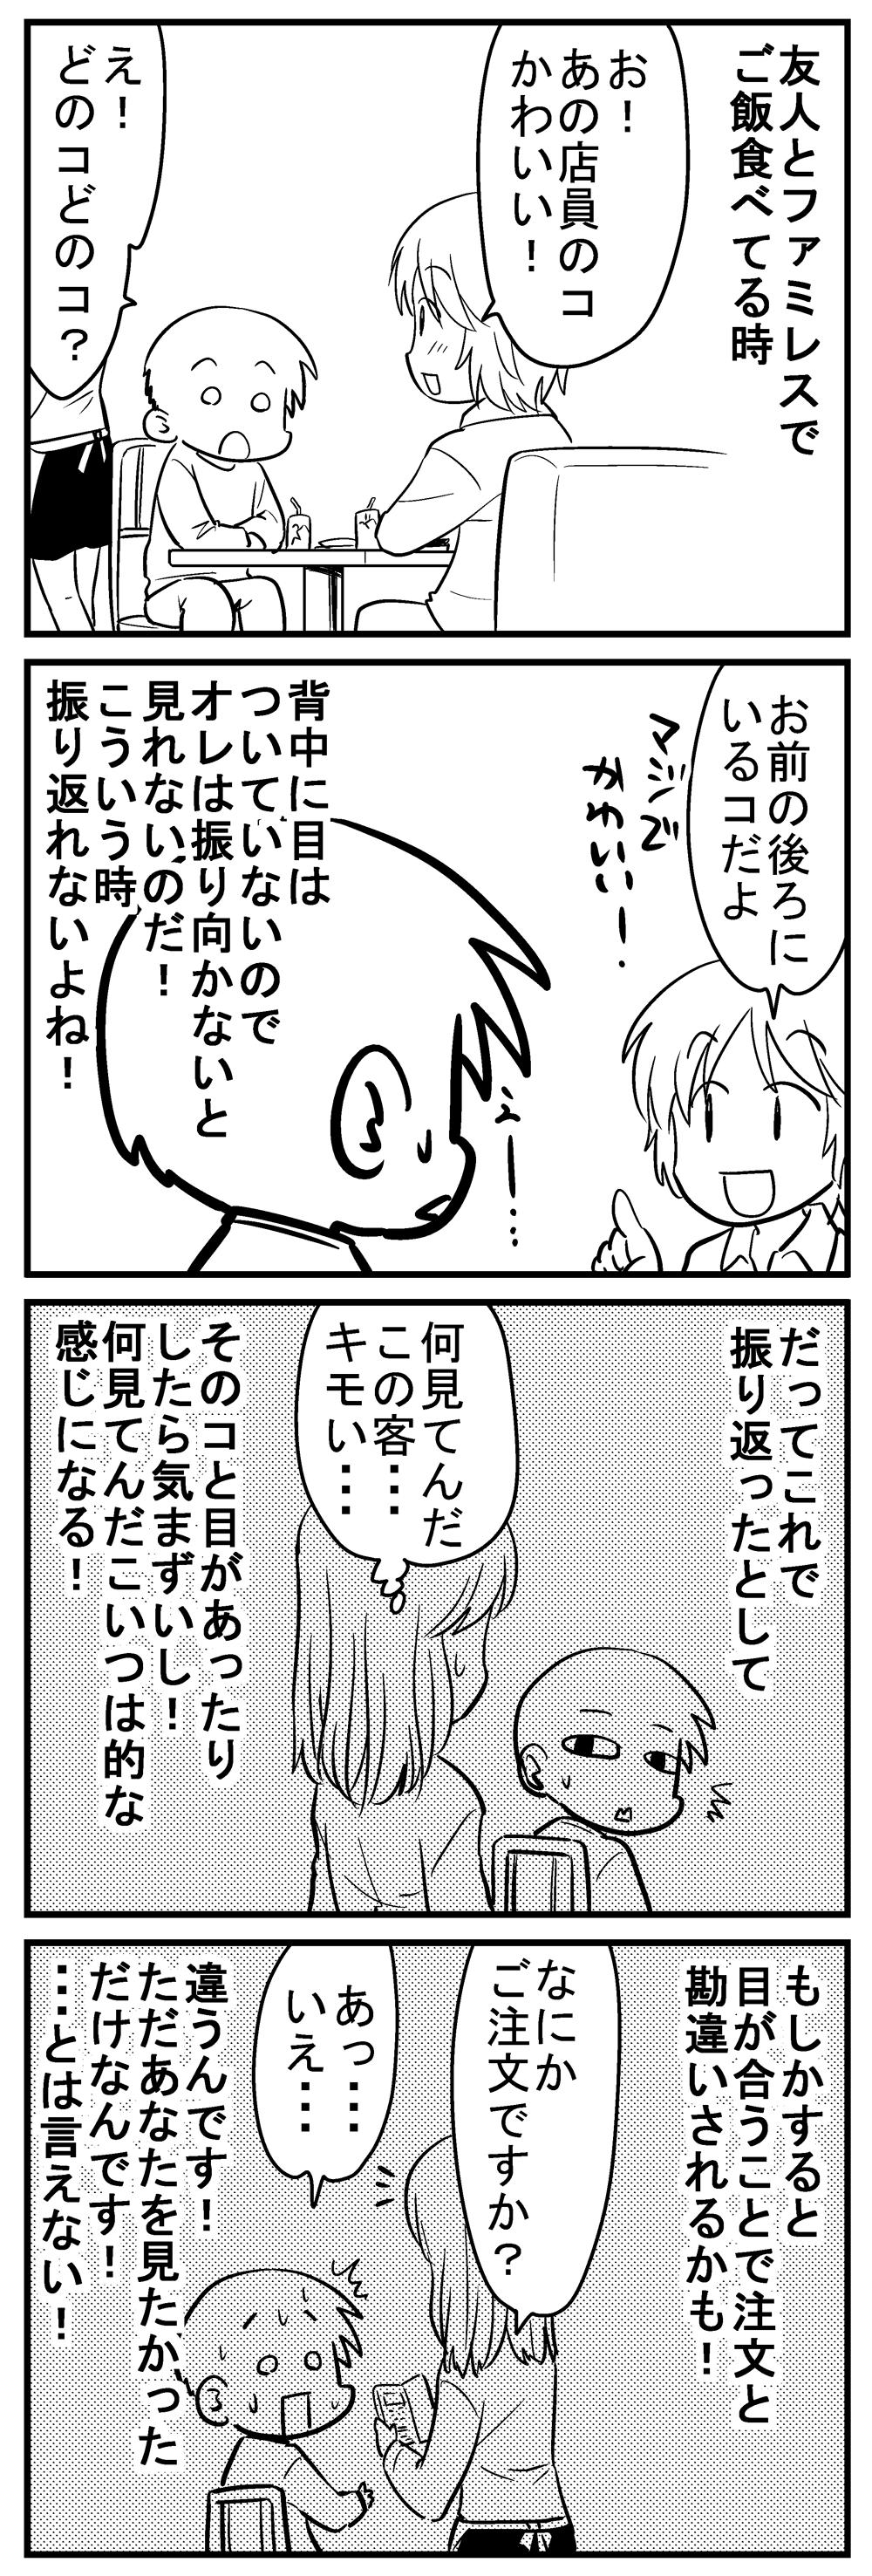 深読みくん112 1